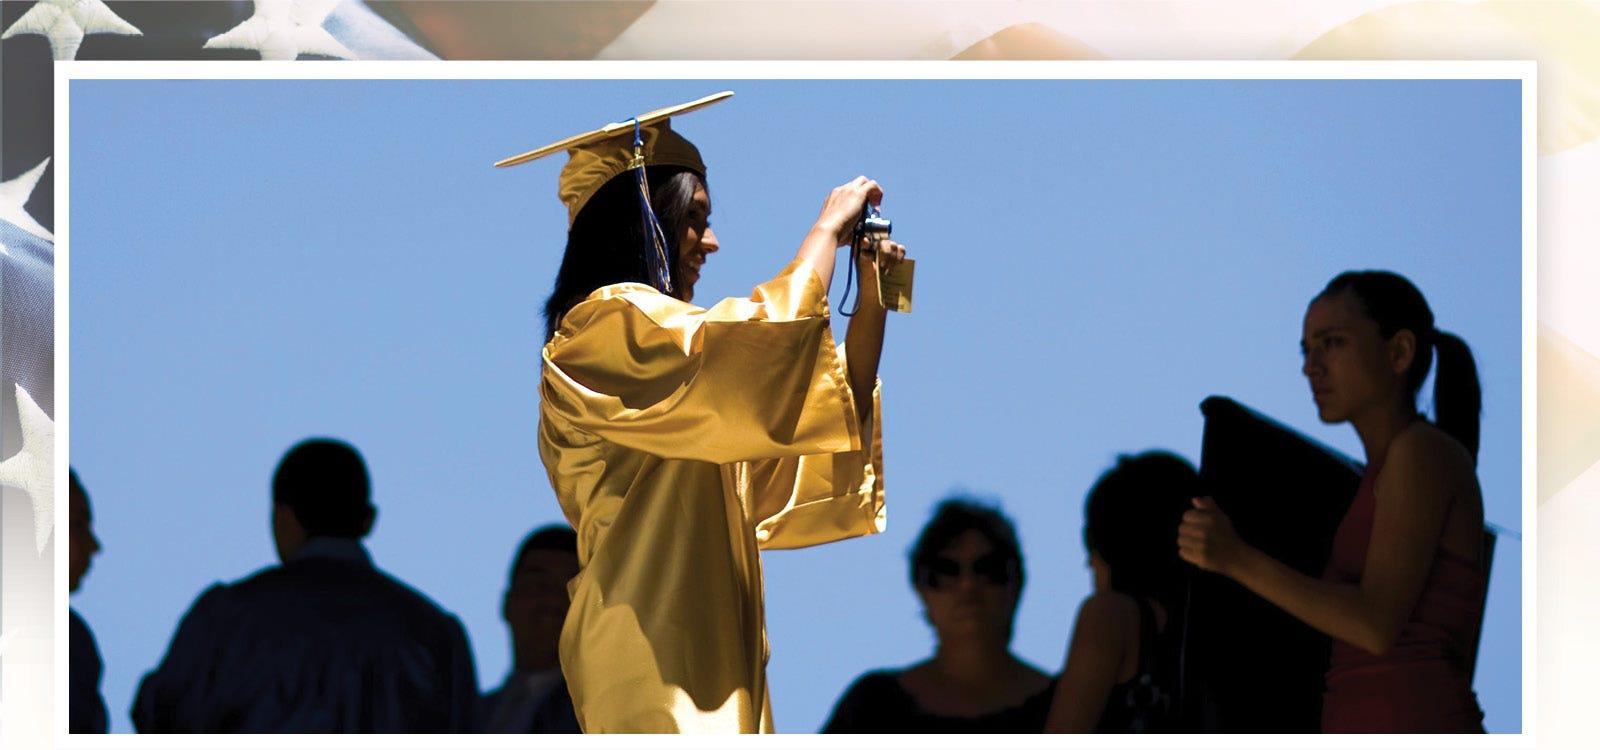 Alejandra Valenzuela, 17, toma fotos de sus compañeros durante su graduación de la escuela secundaria Carl Hayden en Arizona.